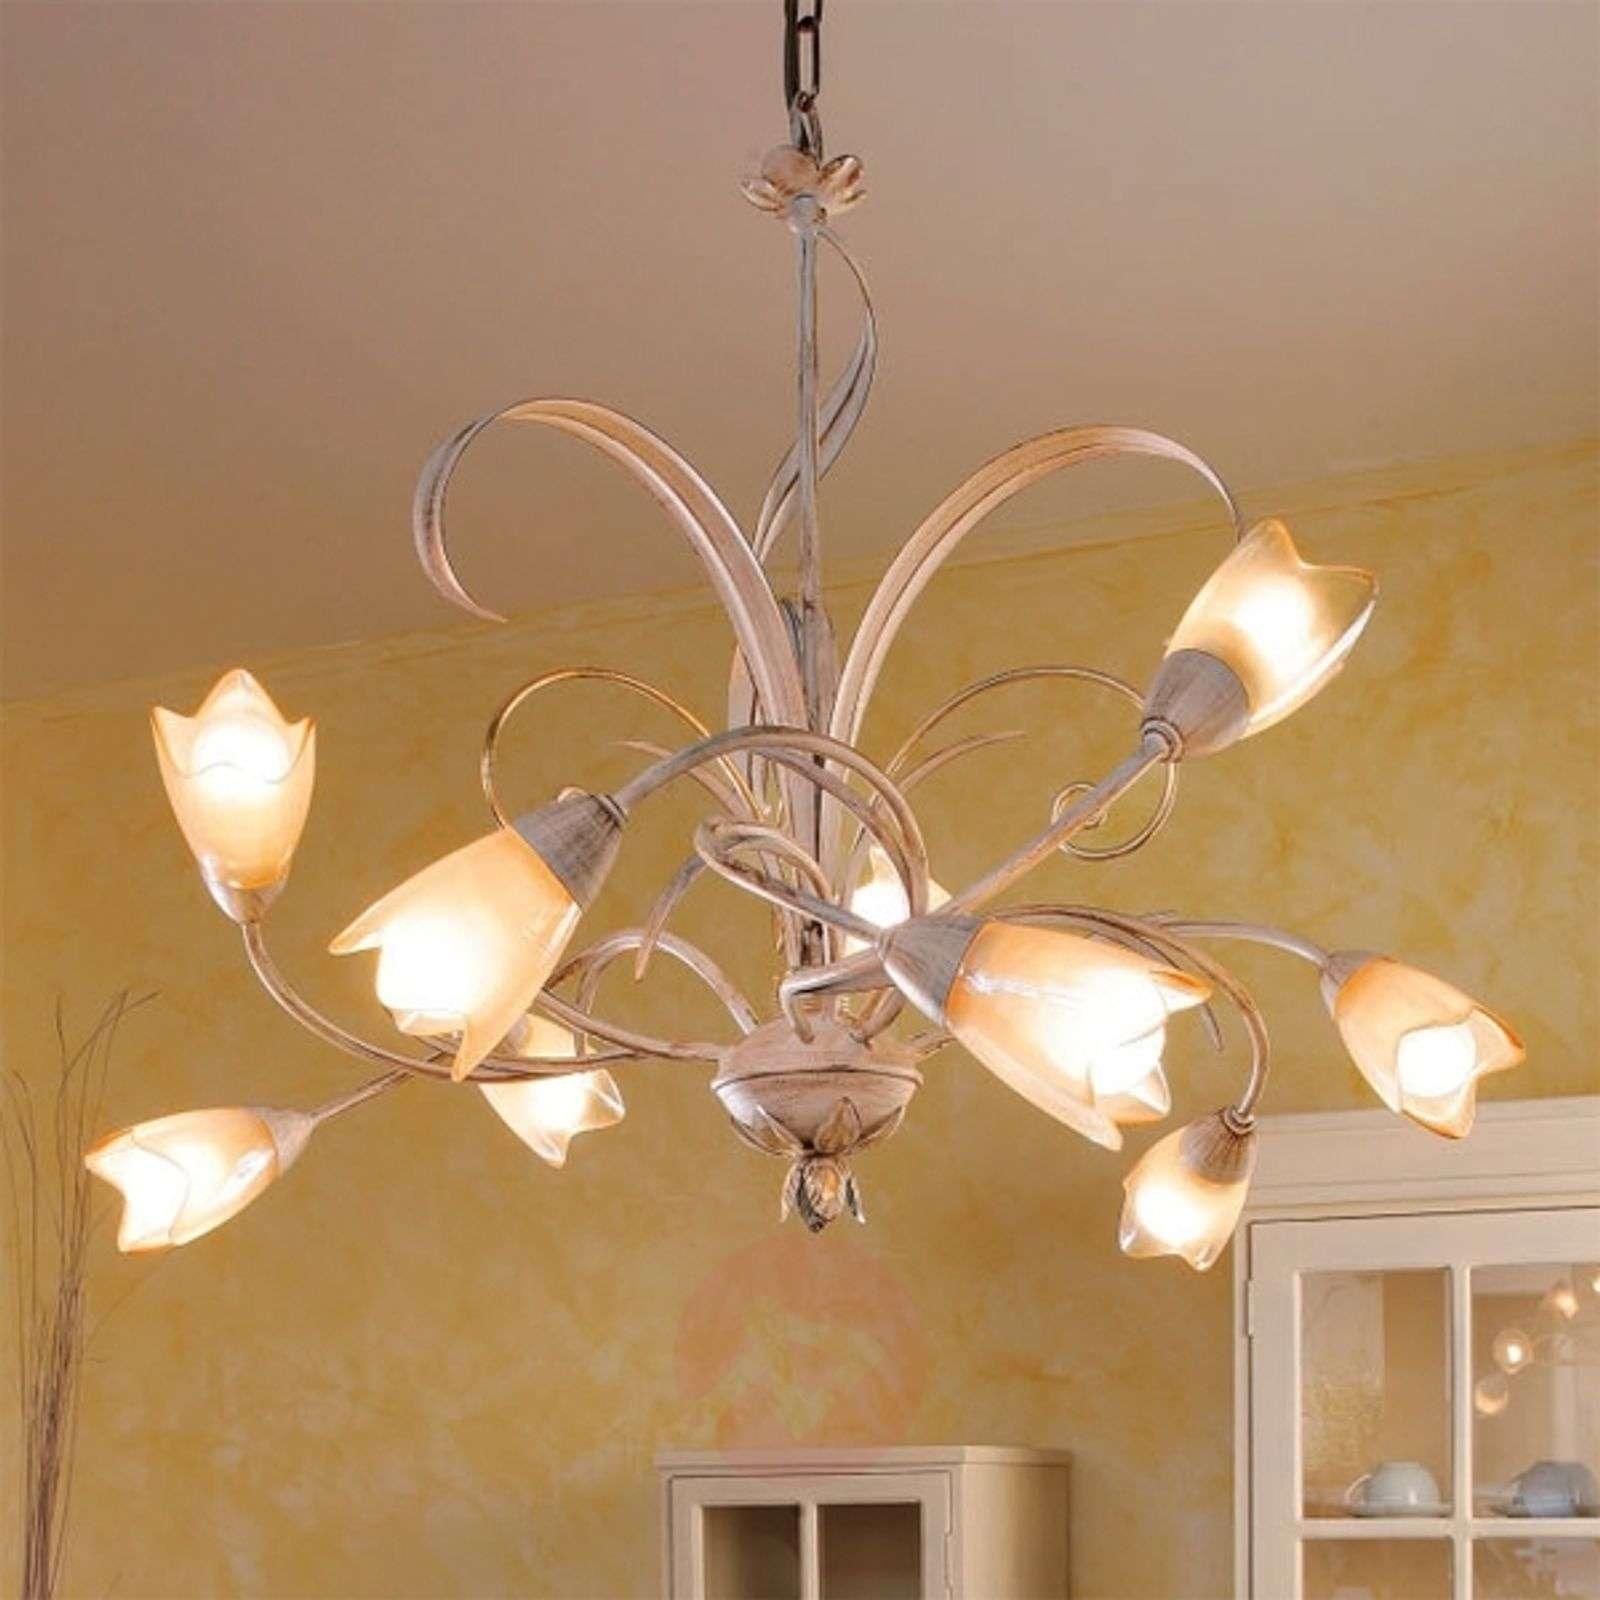 Decorative Hanging Light Fontana 6532046 01